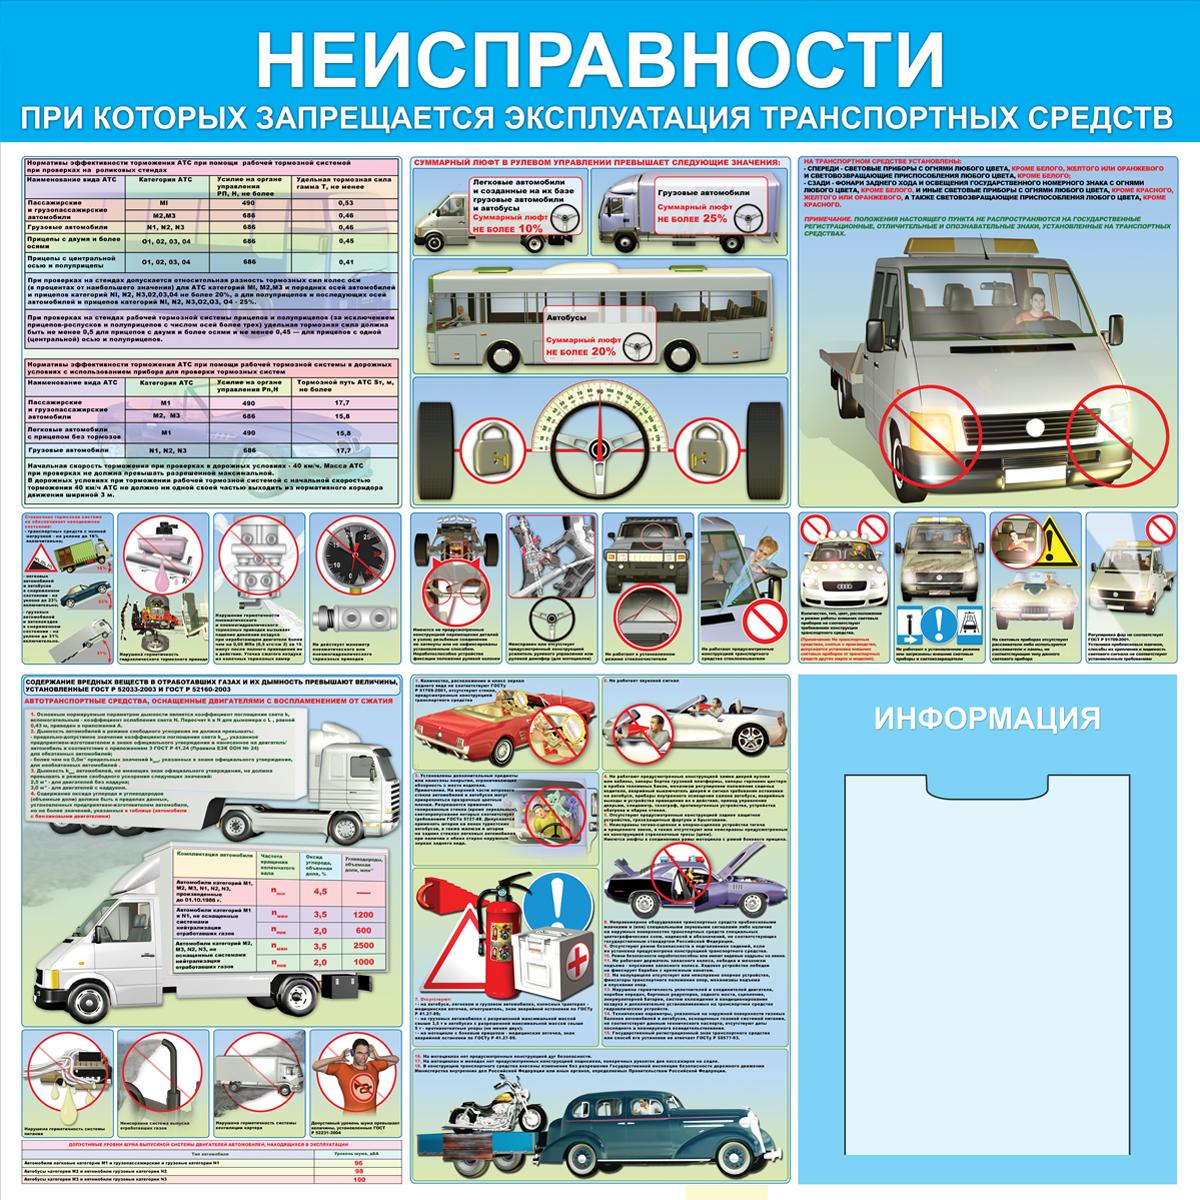 плакат Неисправности,  при которых запрещается эксплуатация автомобиля  1000х1000 мм